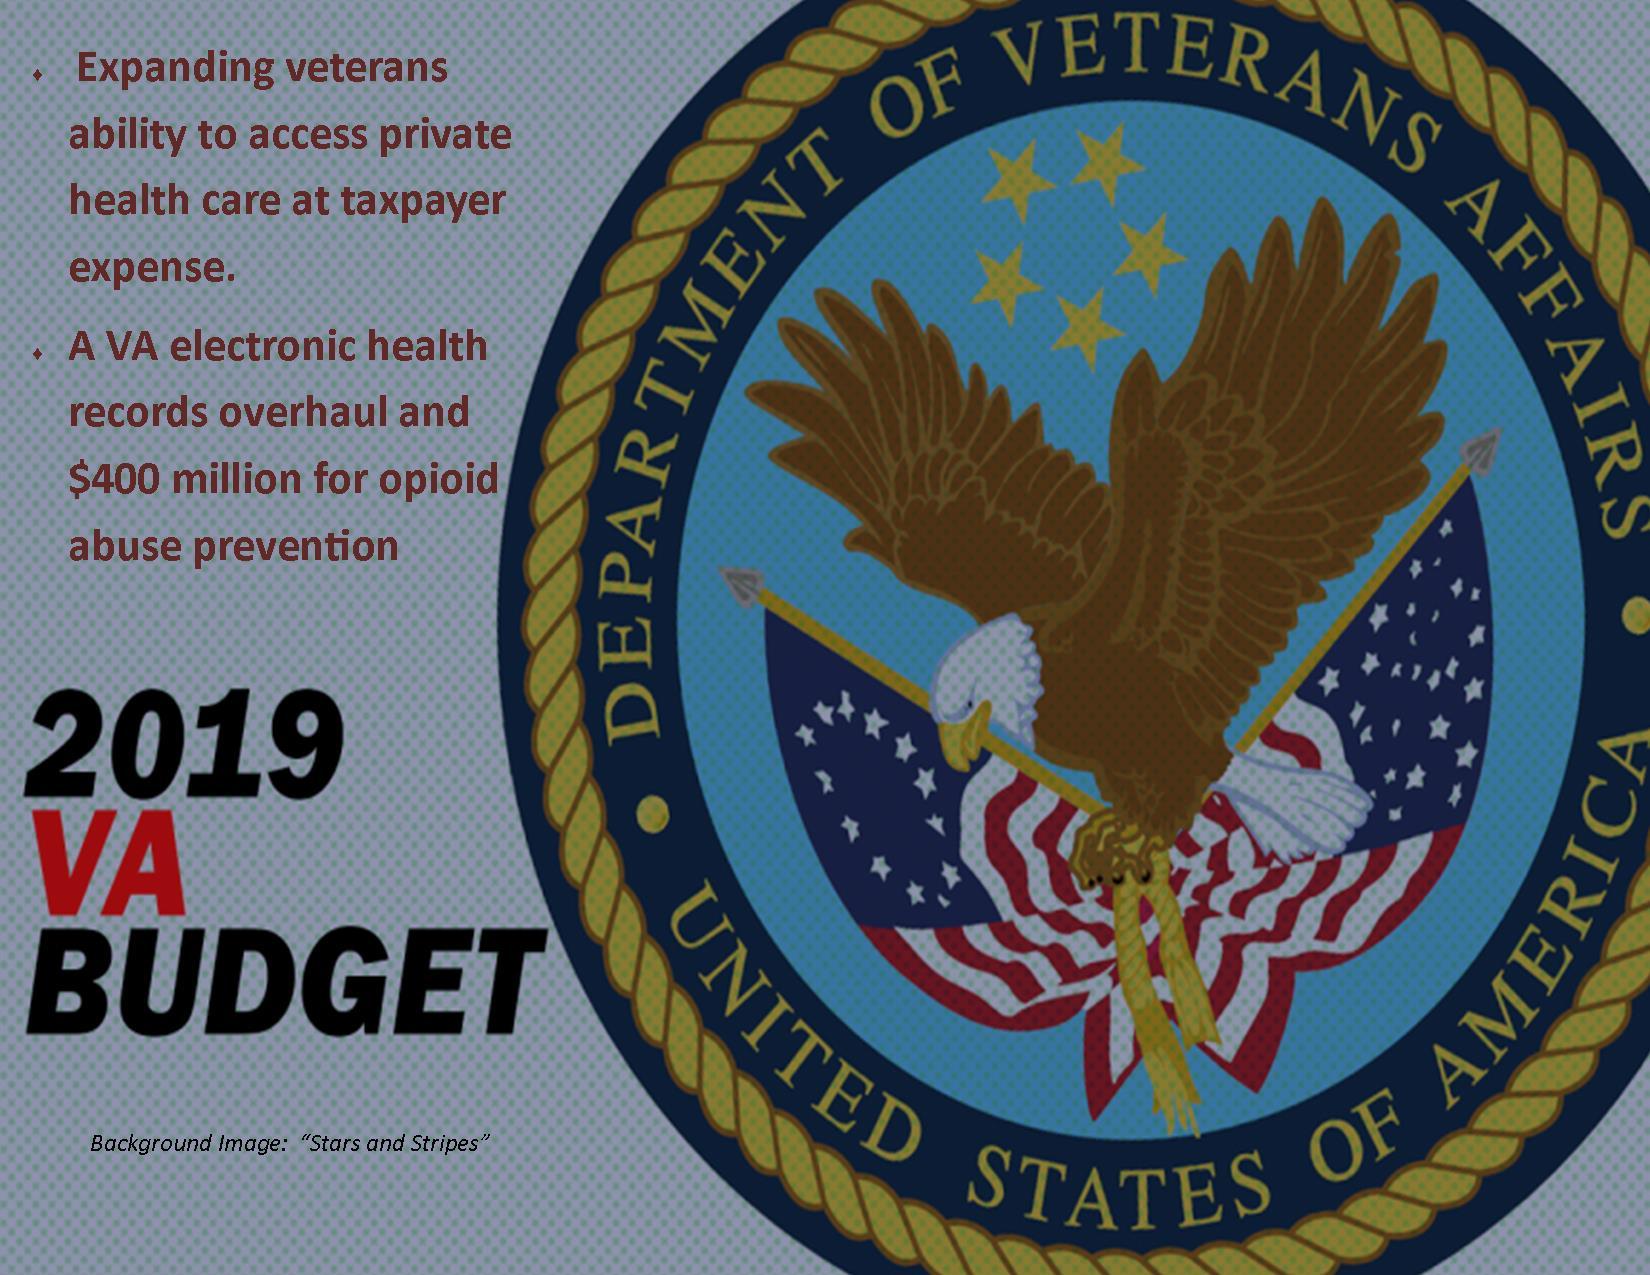 VA Funding